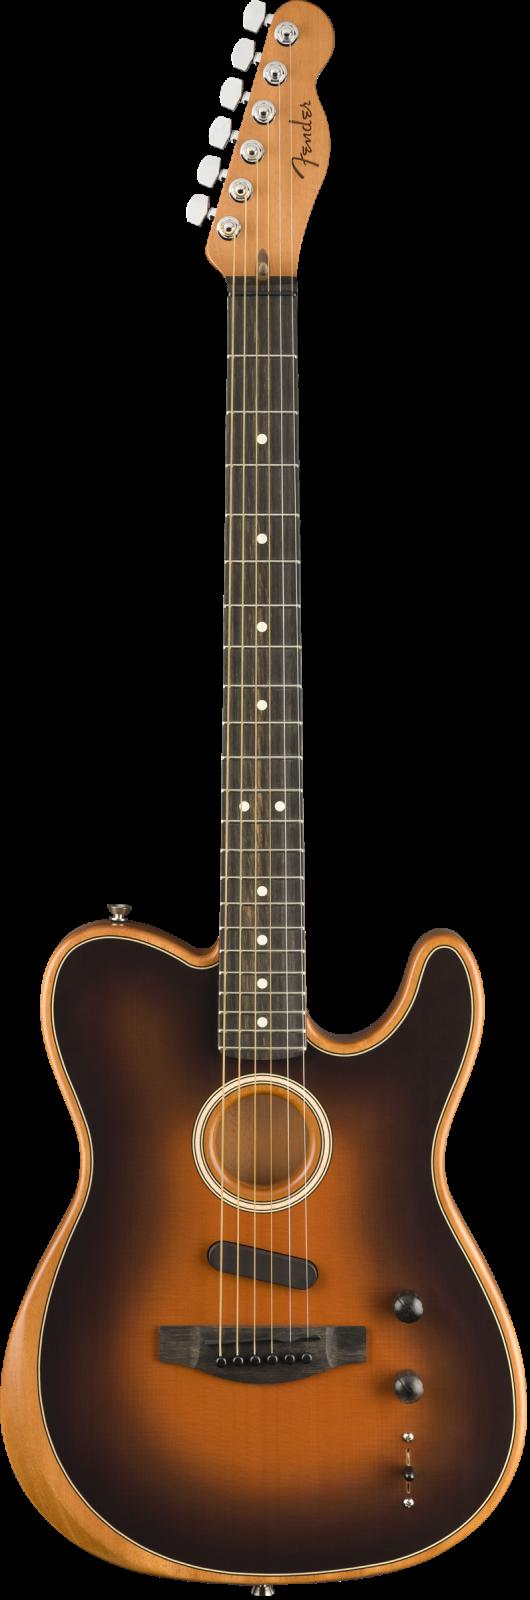 Fender American Acoustasonic Telecaster - Sunburst